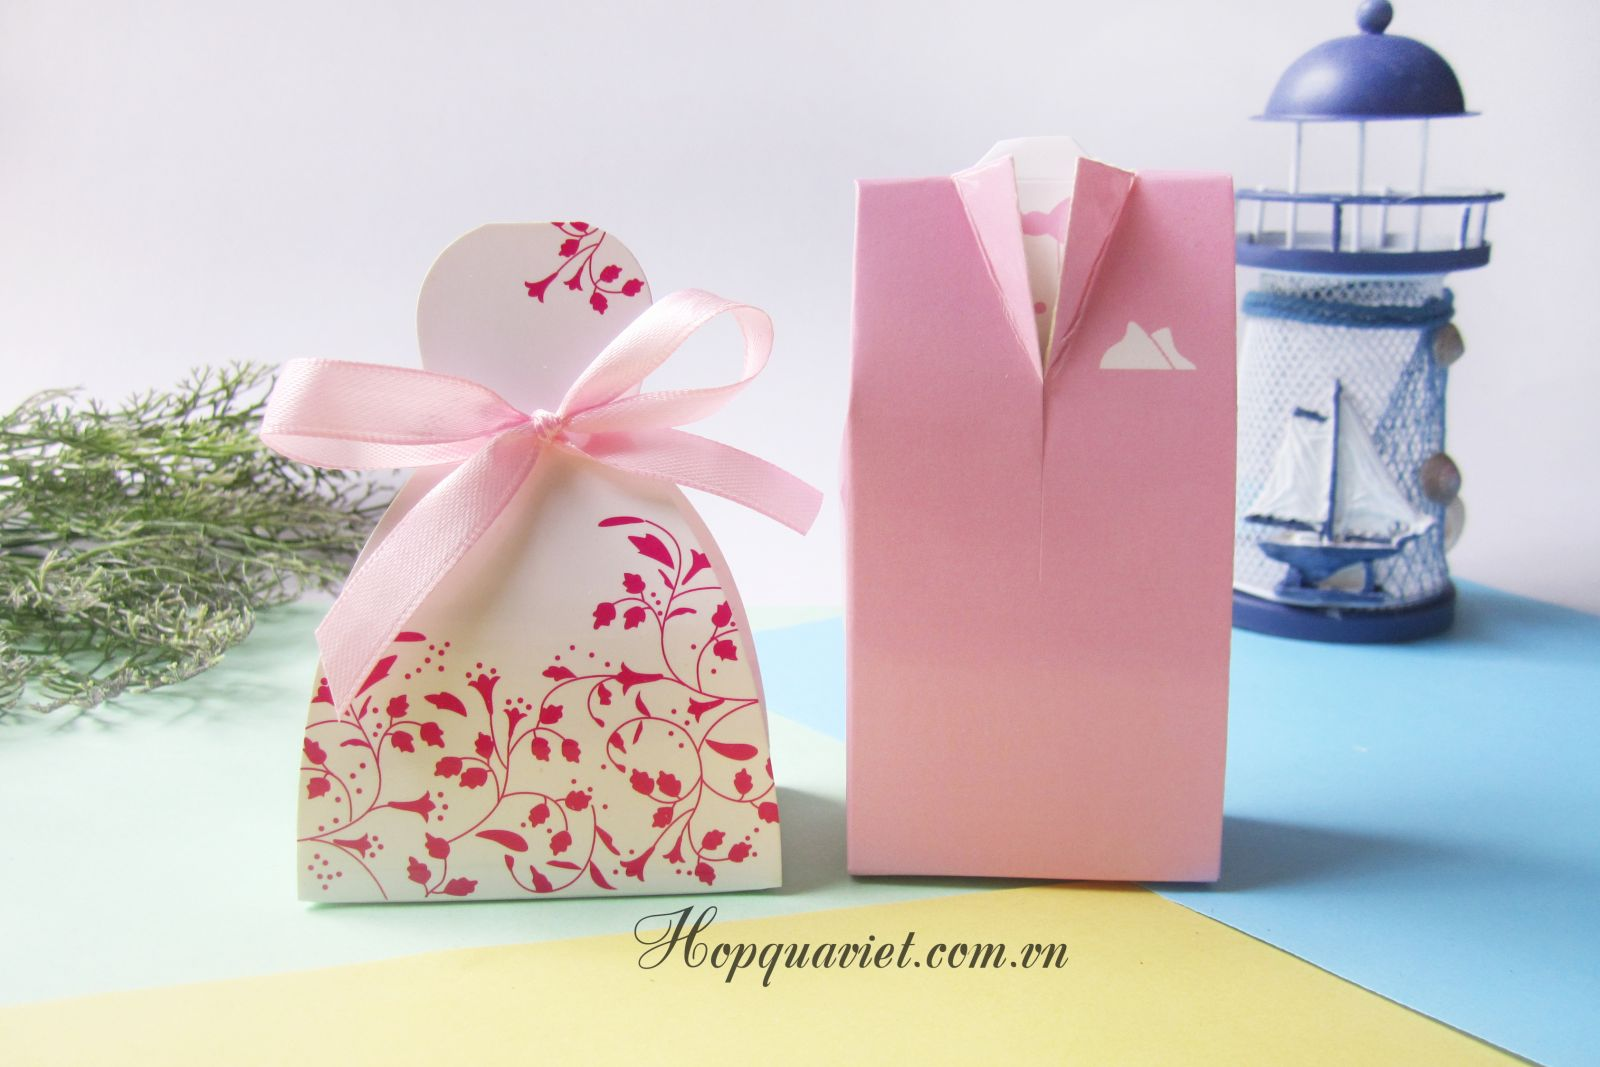 Hộp quà cưới cô dâu-chú rể hồng 4H